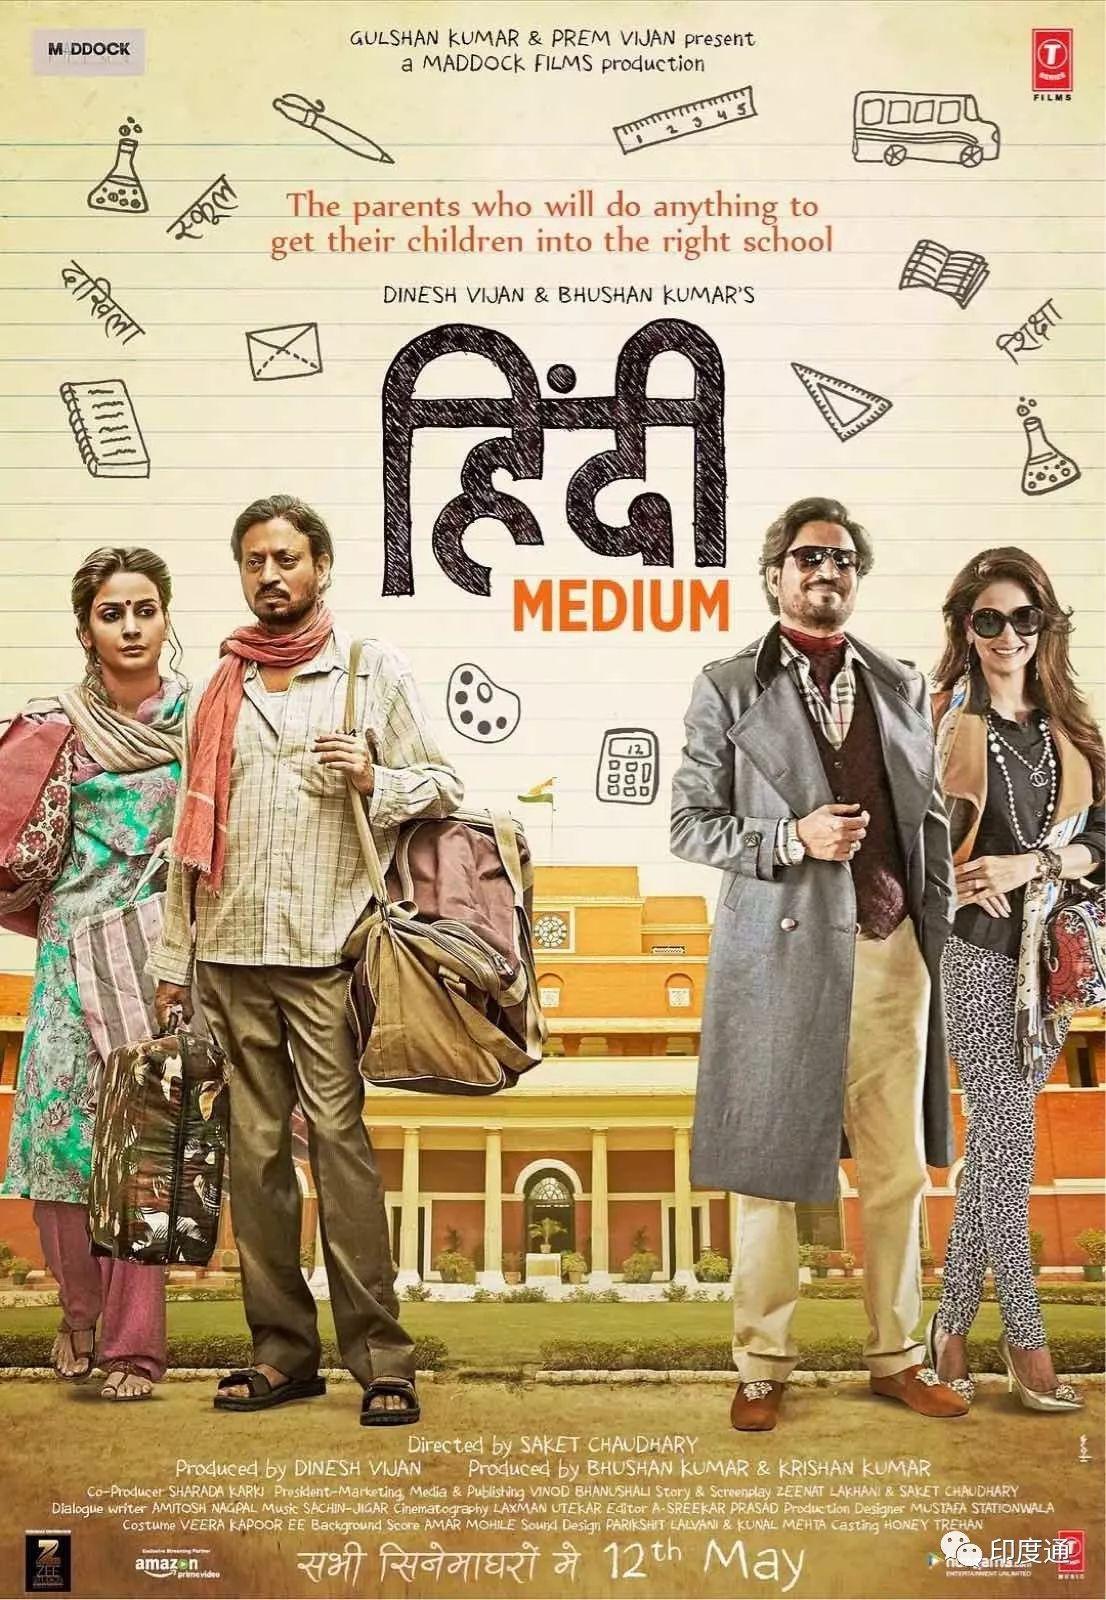 今年第二好的印度片,但这次绝对不会被引进